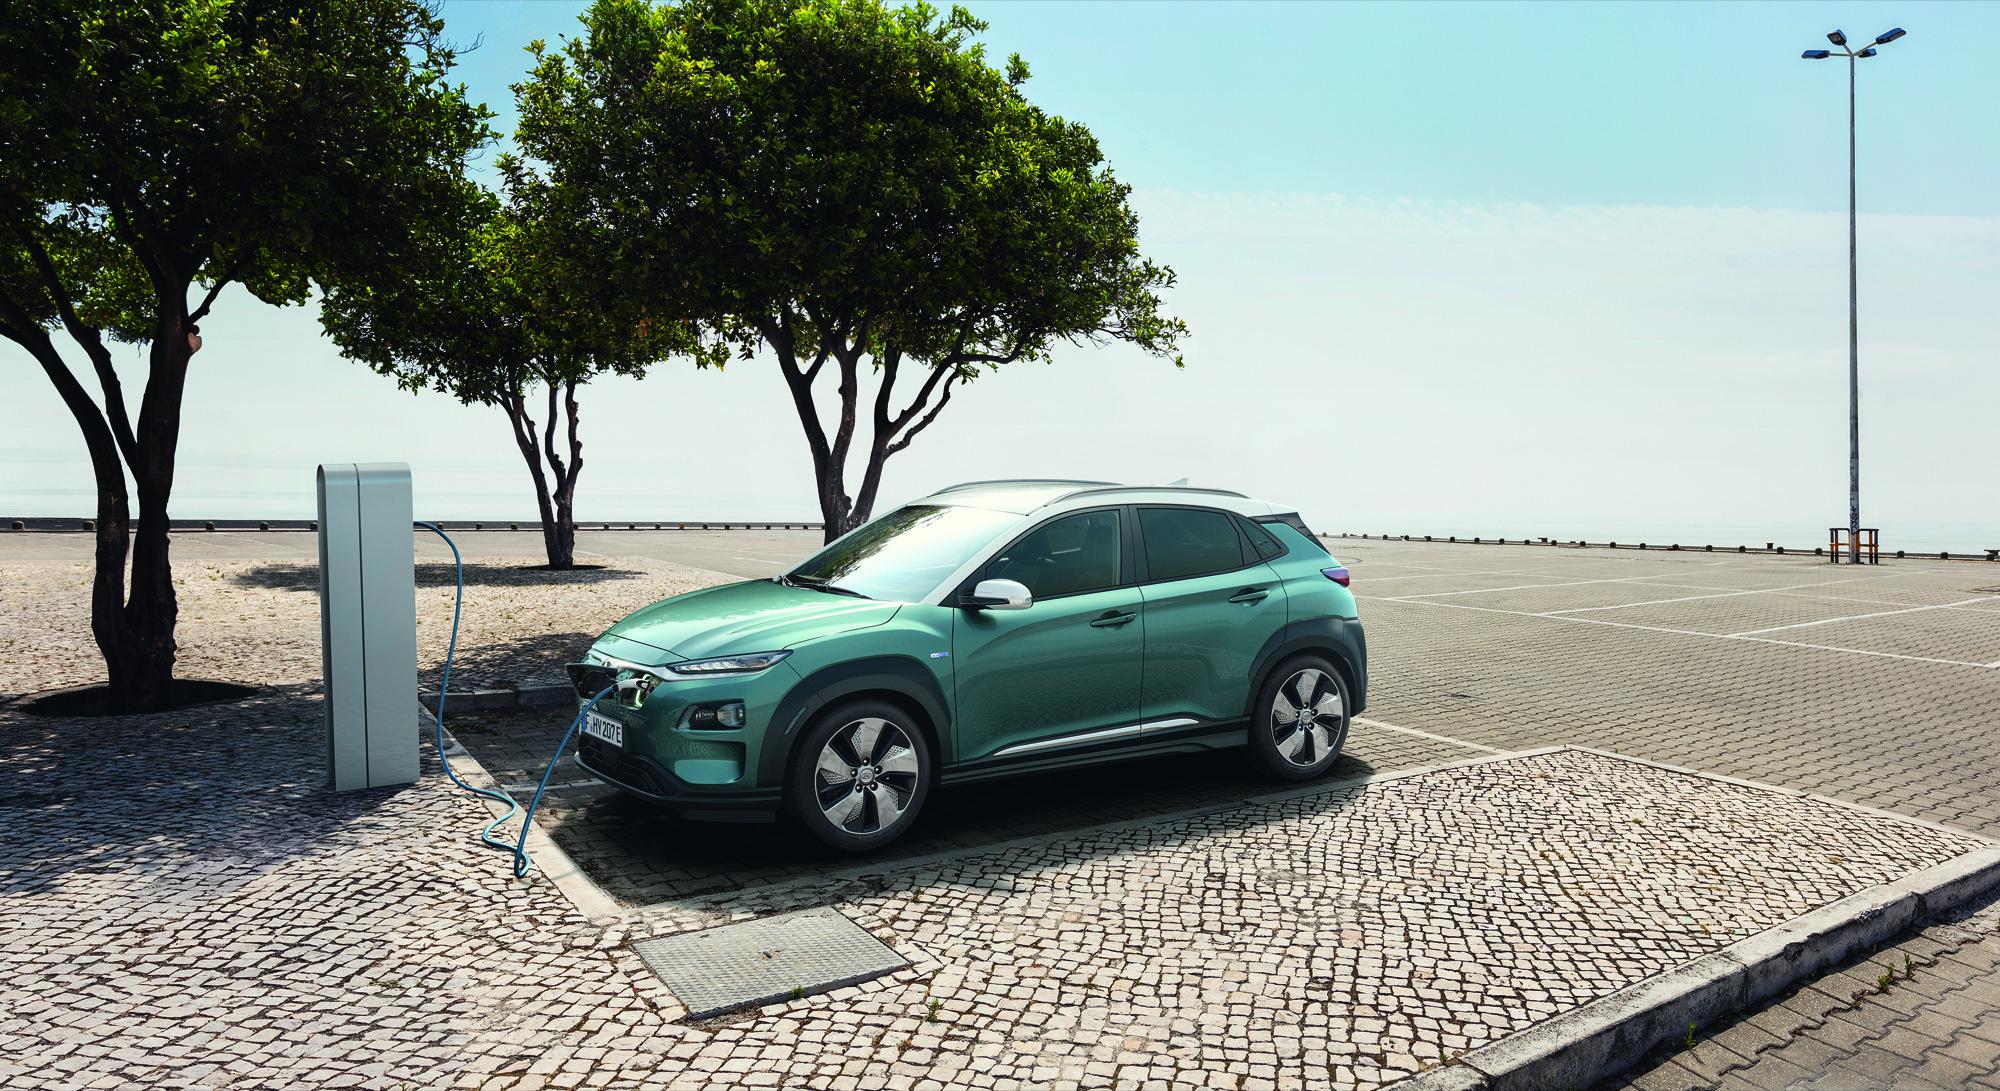 Der Hyundai Kona Elektro wird in zwei Varianten mit unterschiedlichen Batteriegrößen und Motorleistungen erhältlich sein